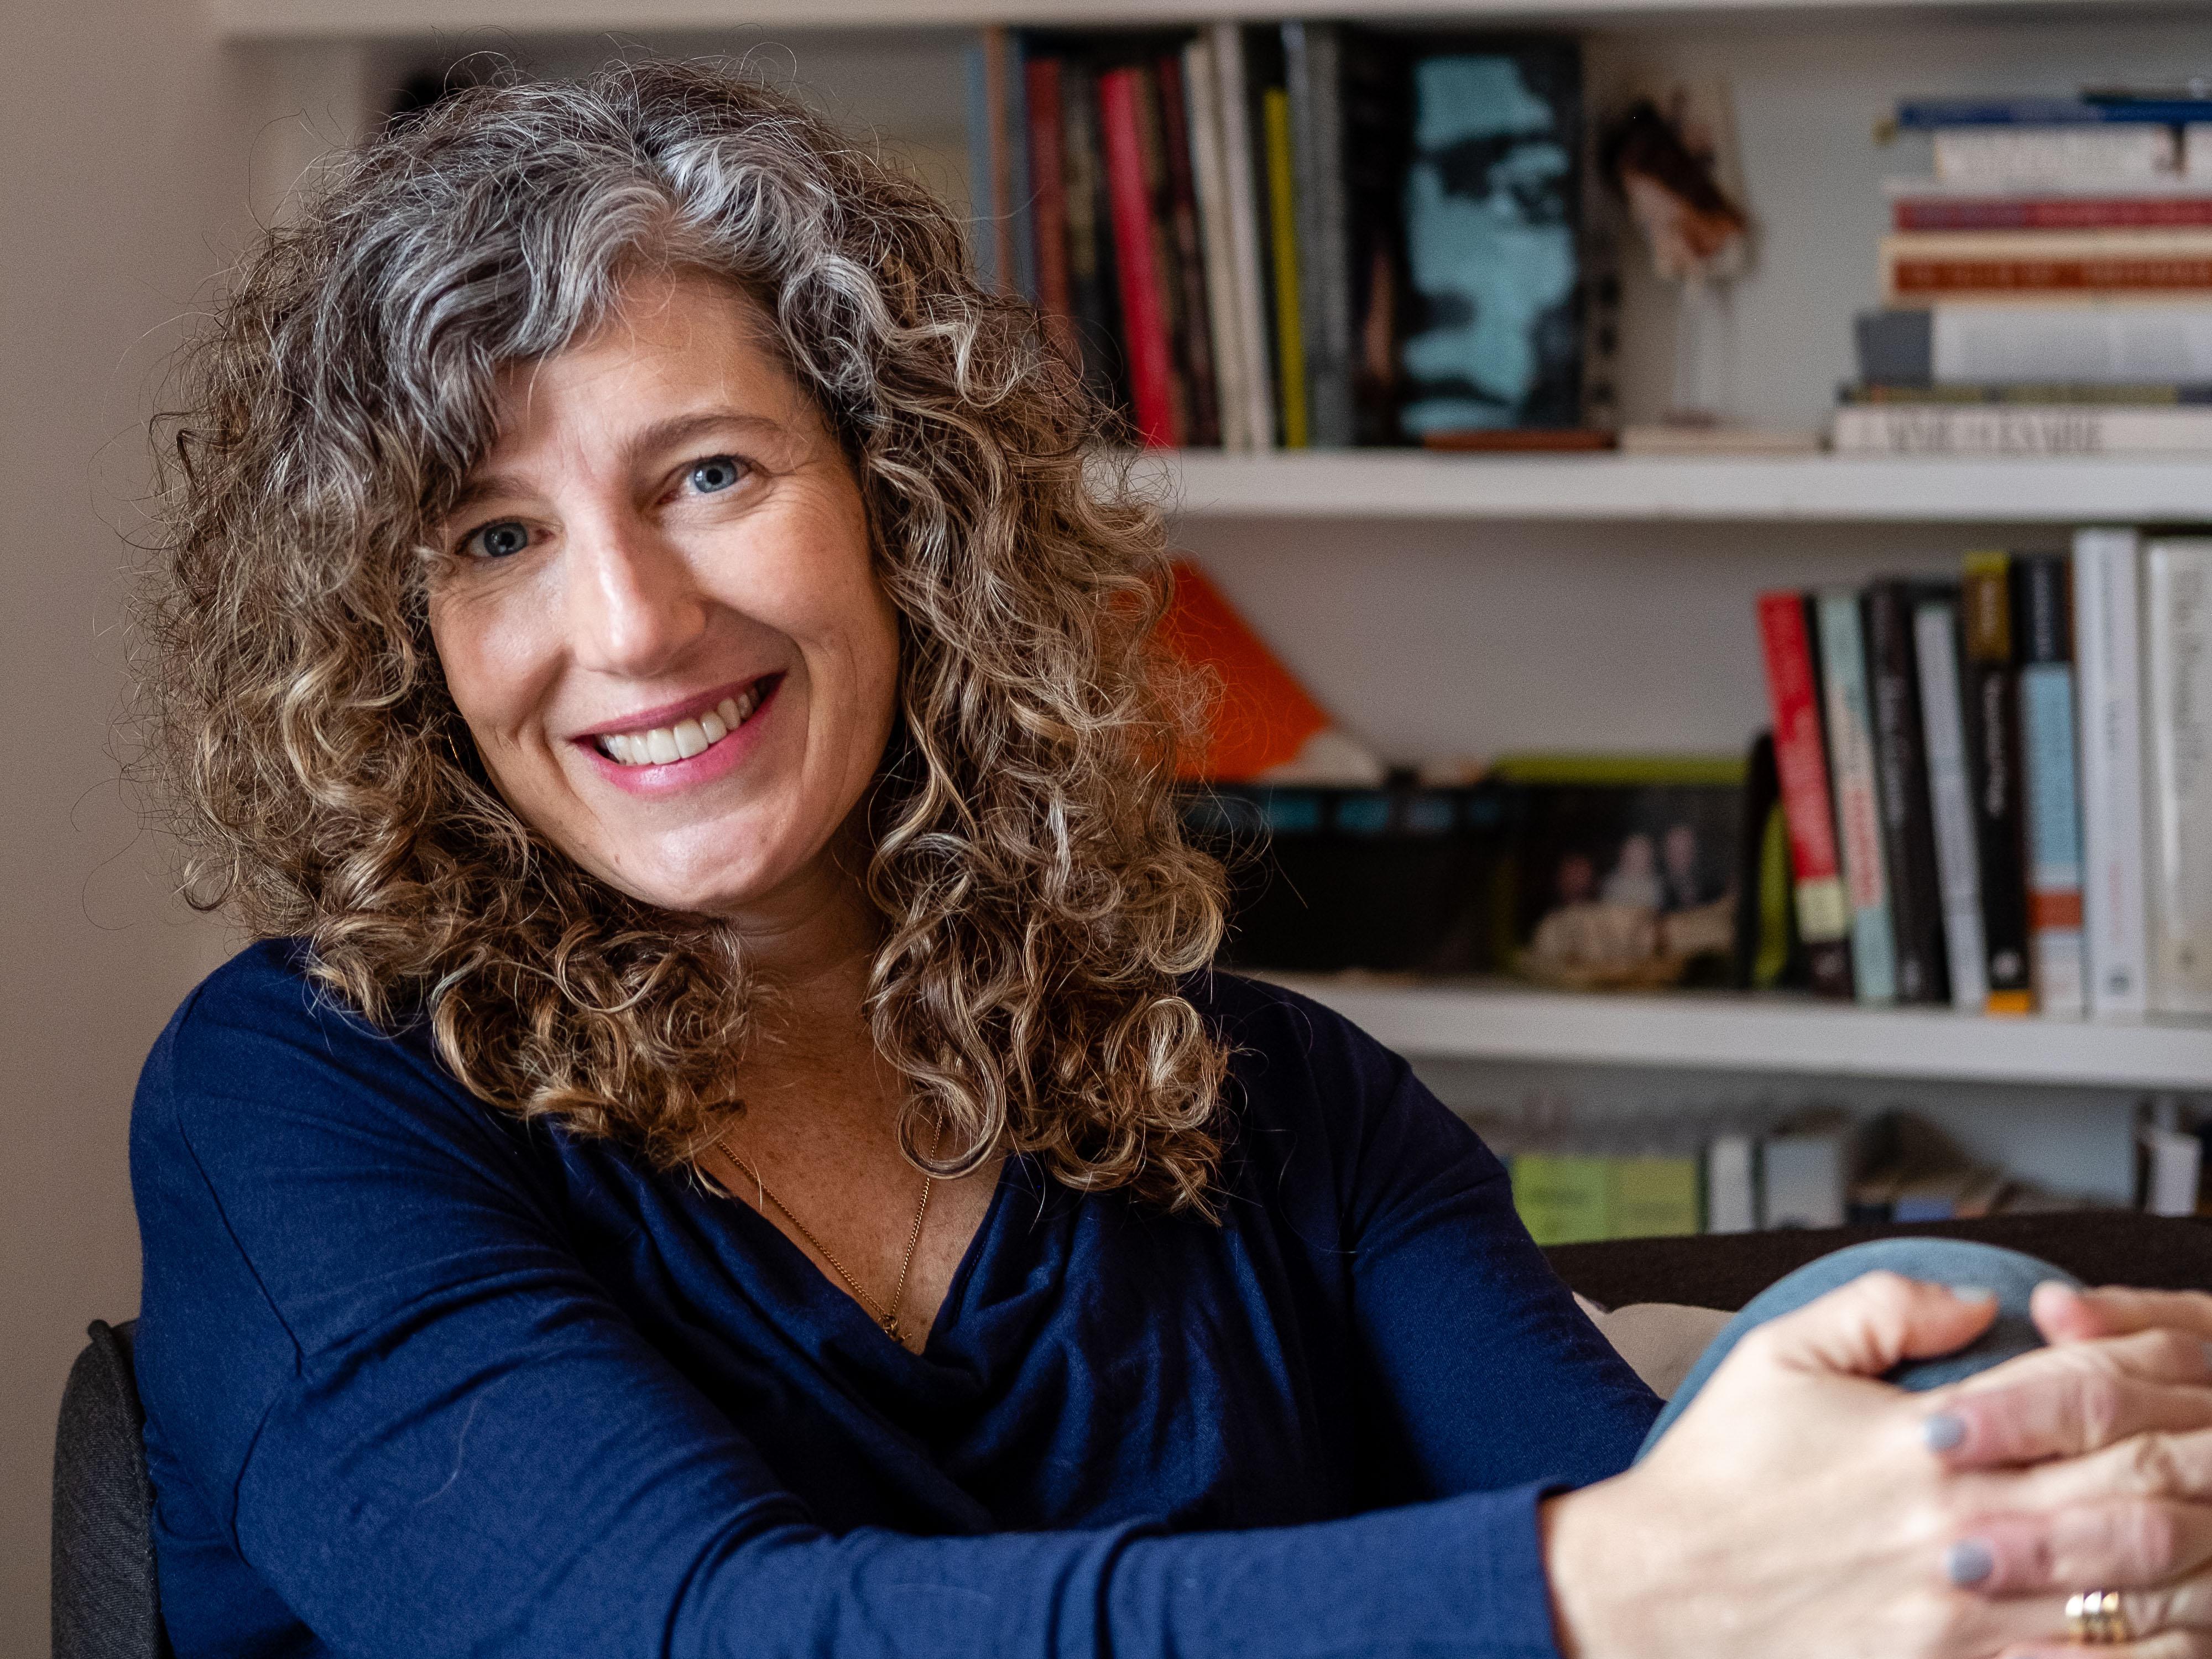 Susan Briante. Photo by Bear Guerra.